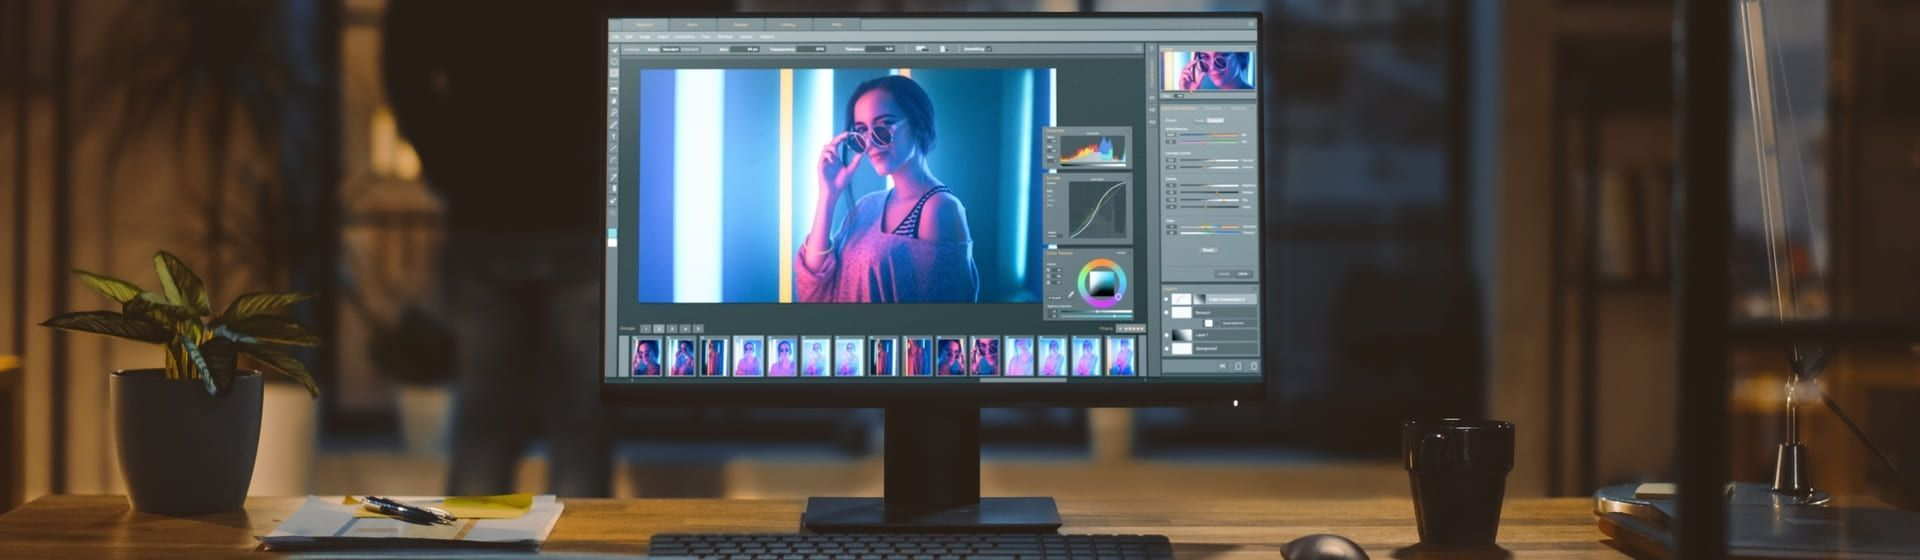 Melhor editor de fotos para PC: 9 opções entre pagos e gratuitos